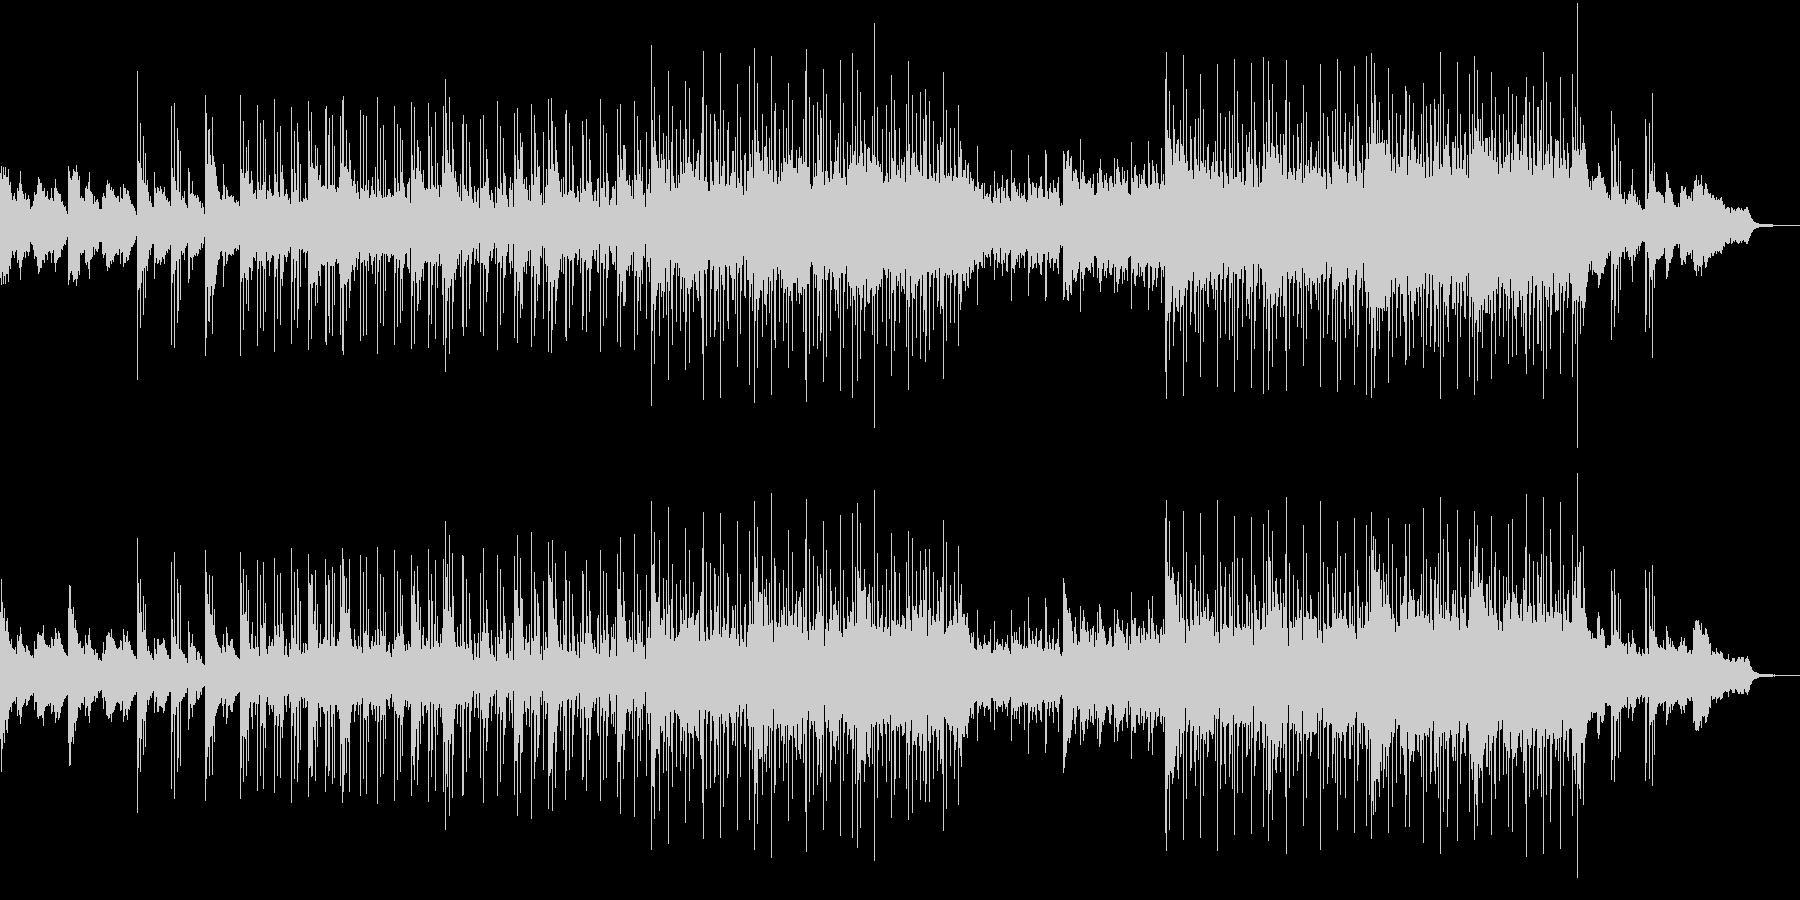 弦とピアノのアルペジオが織りなすサントラの未再生の波形